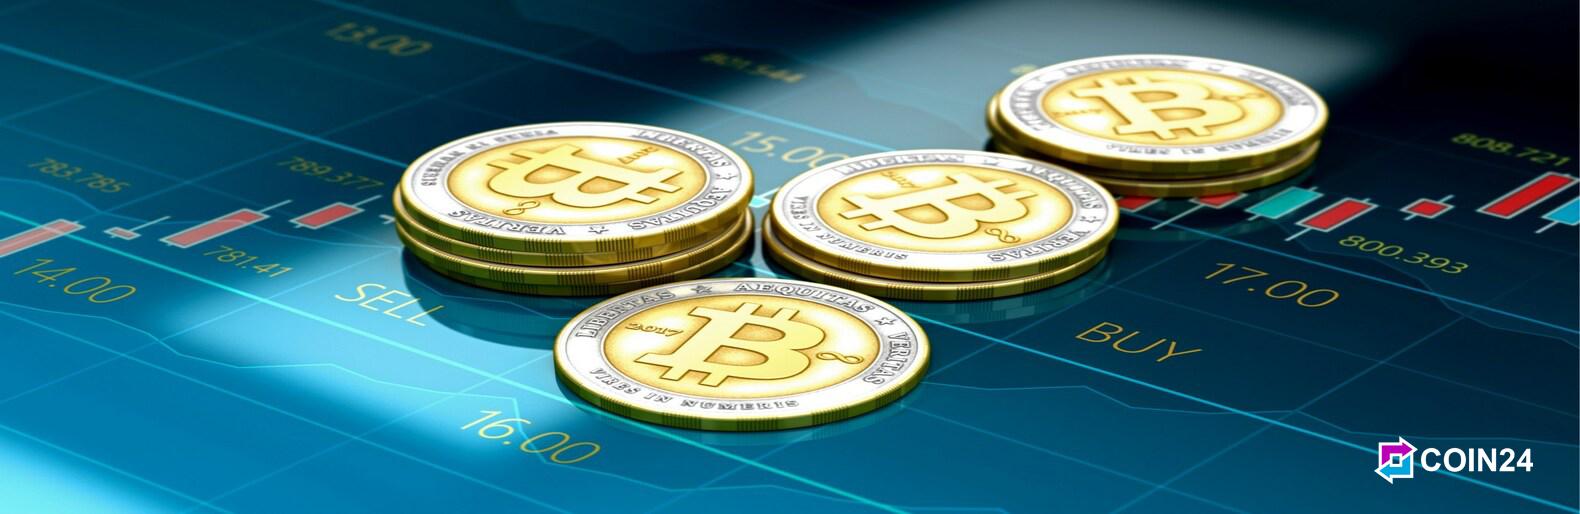 Сервіс купівлі та продажу криптовалют Coin 24 в Житомирі, фото-1